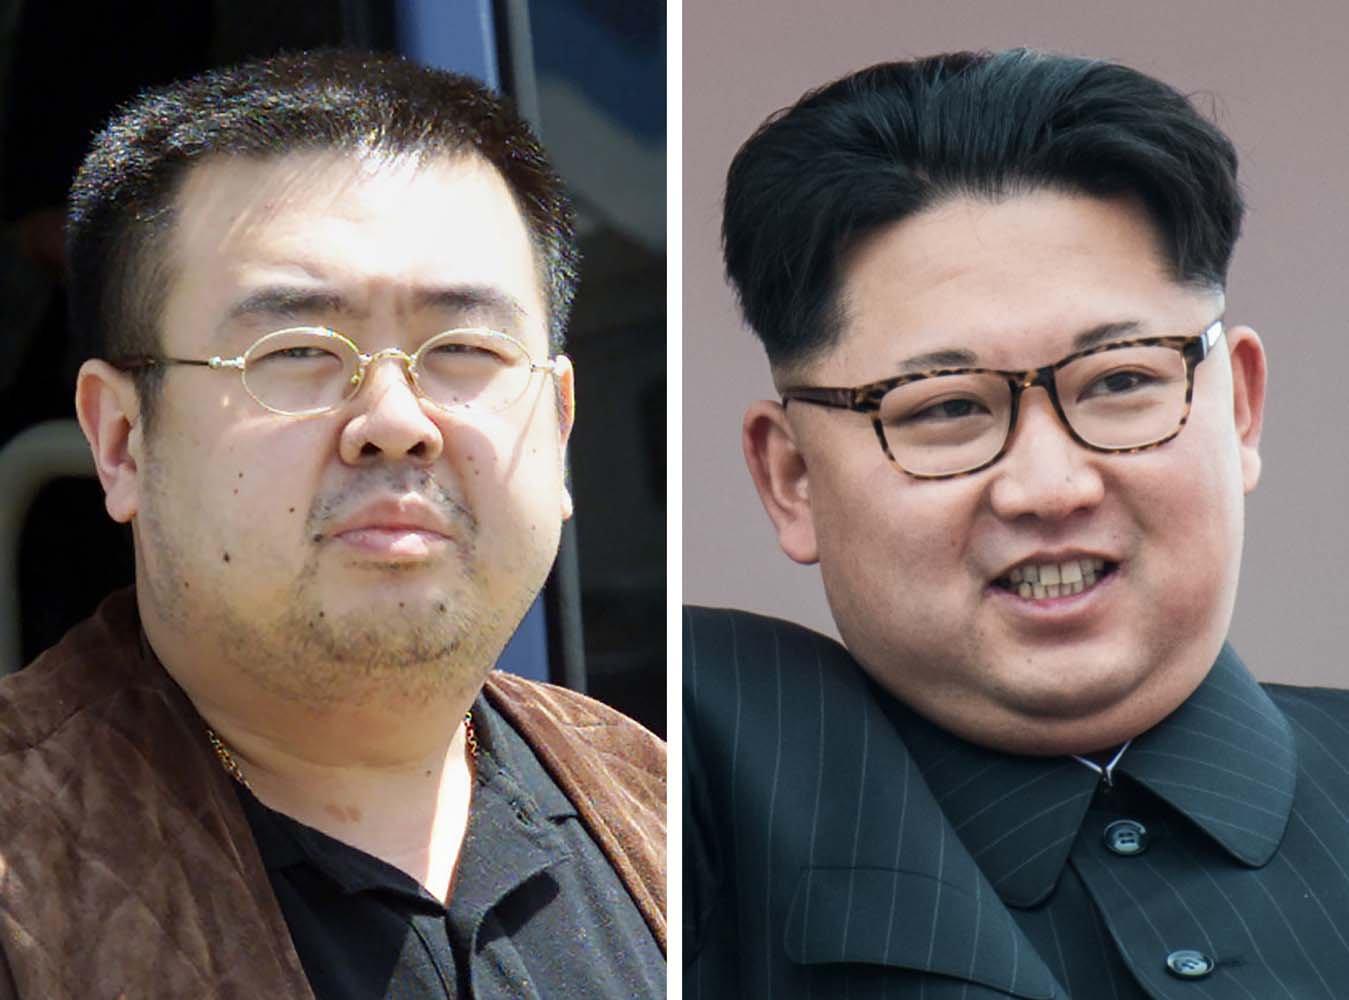 El hermanastro de Kim Jong-Nam sufrió daños en órganos vitales antes de morir